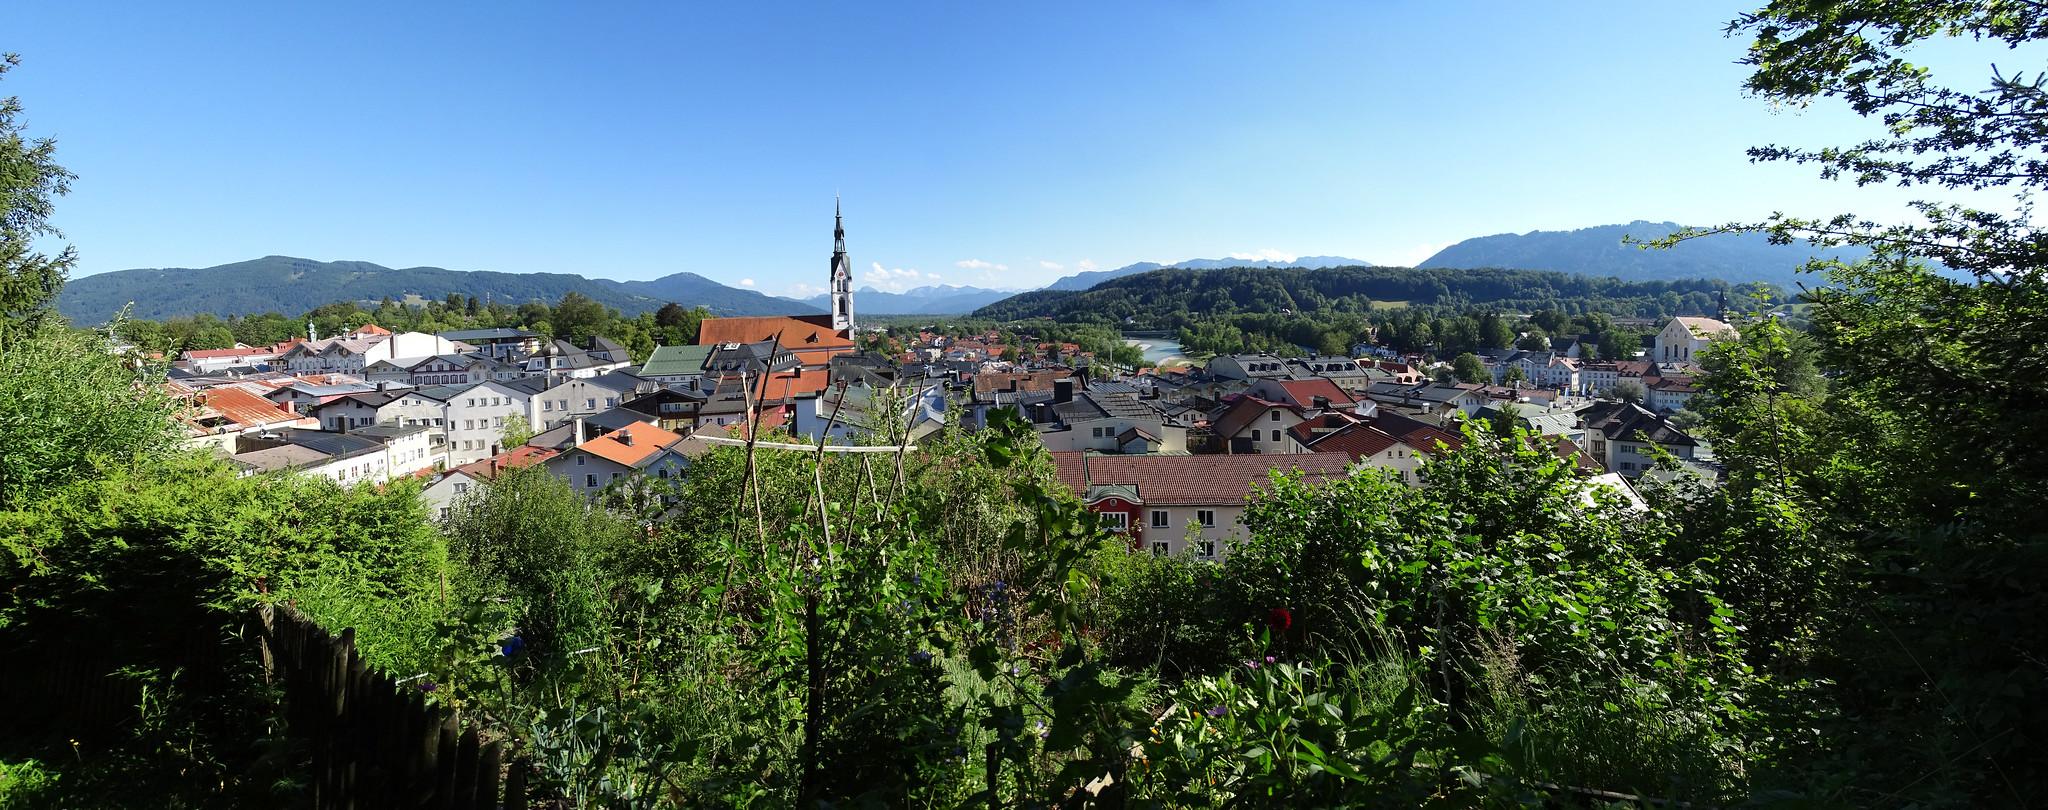 vista de Bad Tolz Baviera Alemania